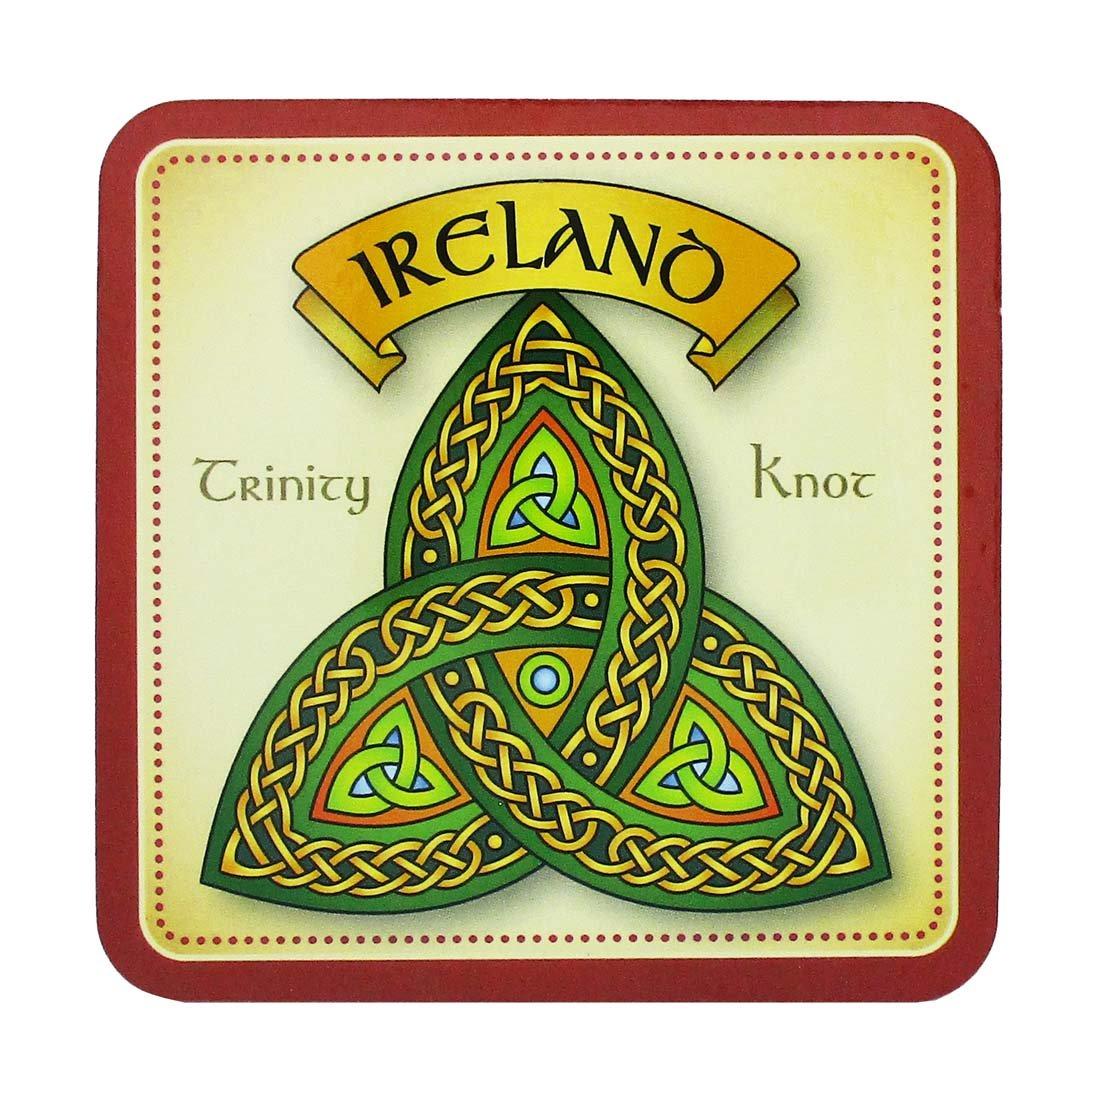 Royal Tara Irish Celtic Coaster with Trinity Knot Design and Ireland Text